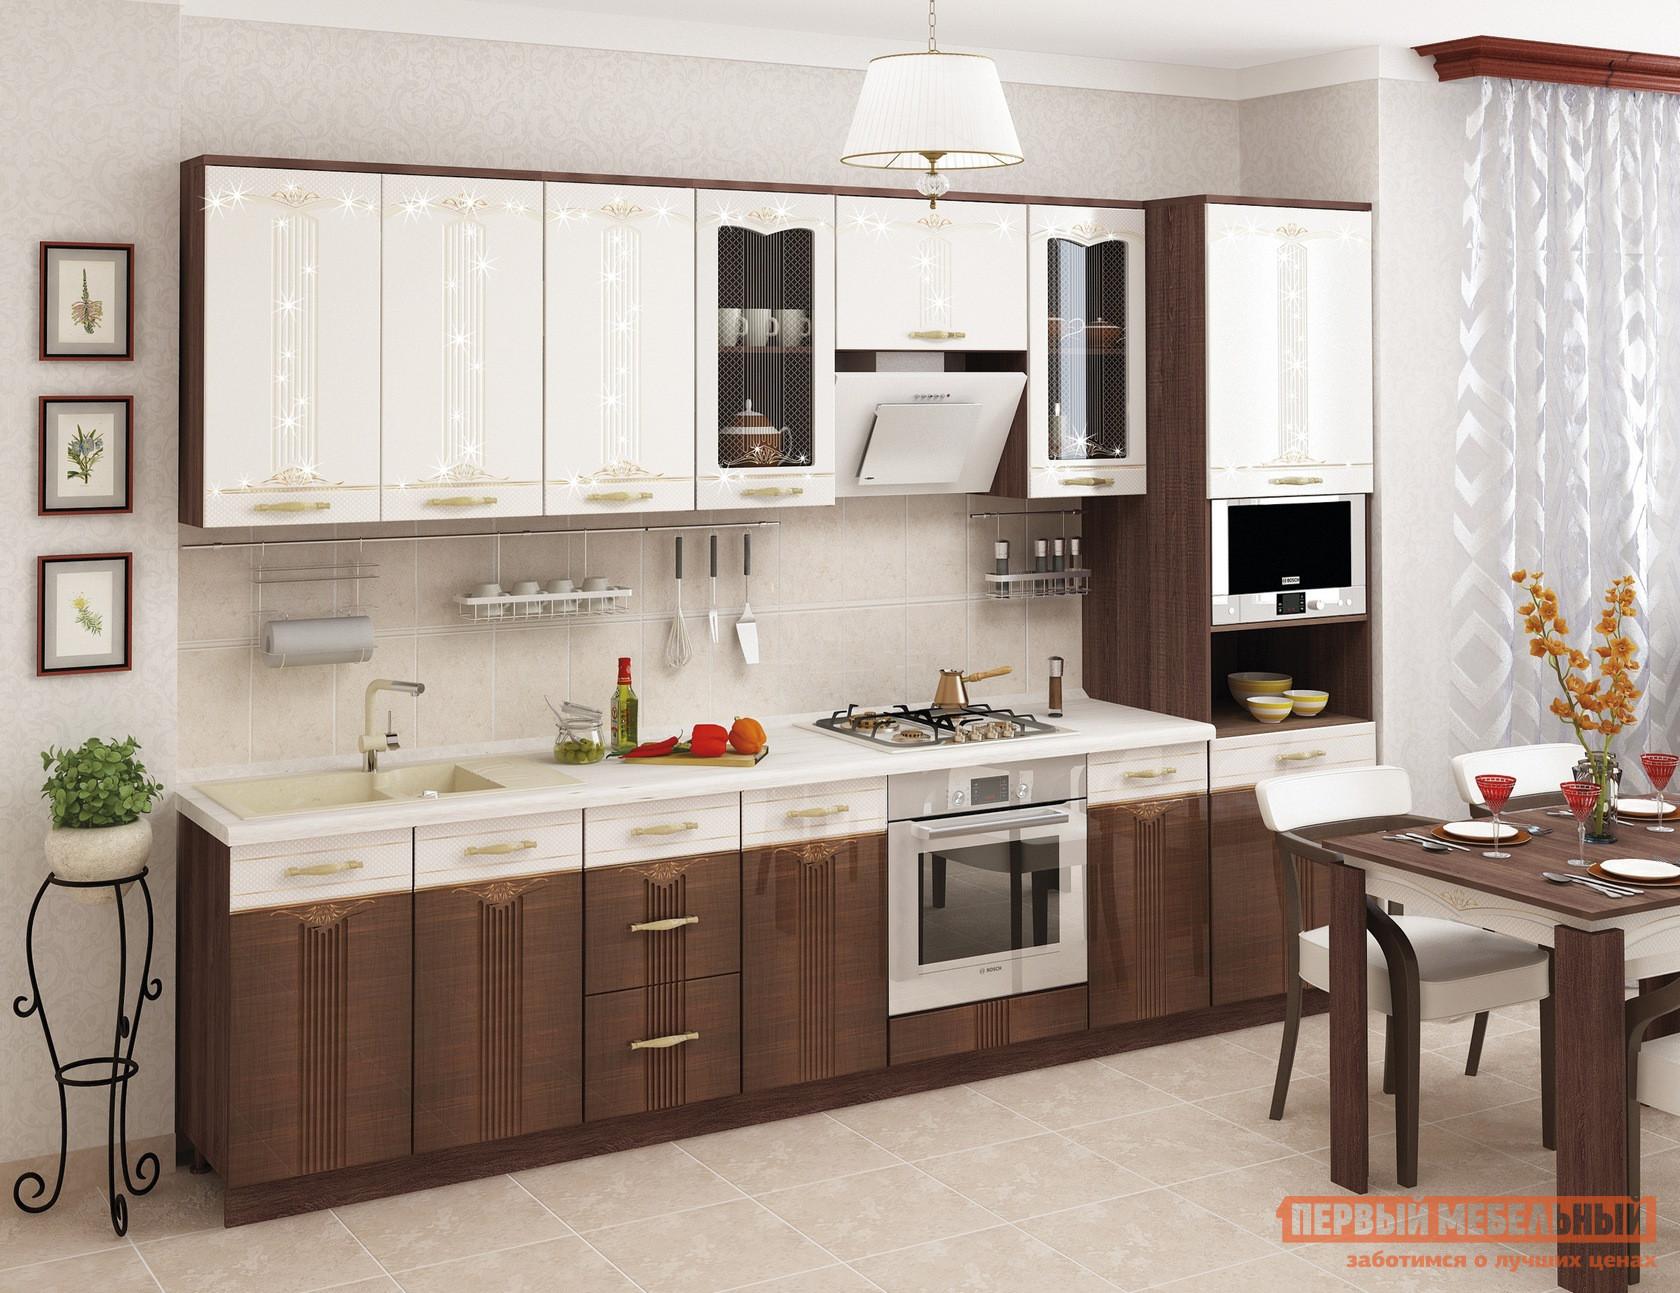 Кухонный гарнитур Витра Каролина К1 цена и фото